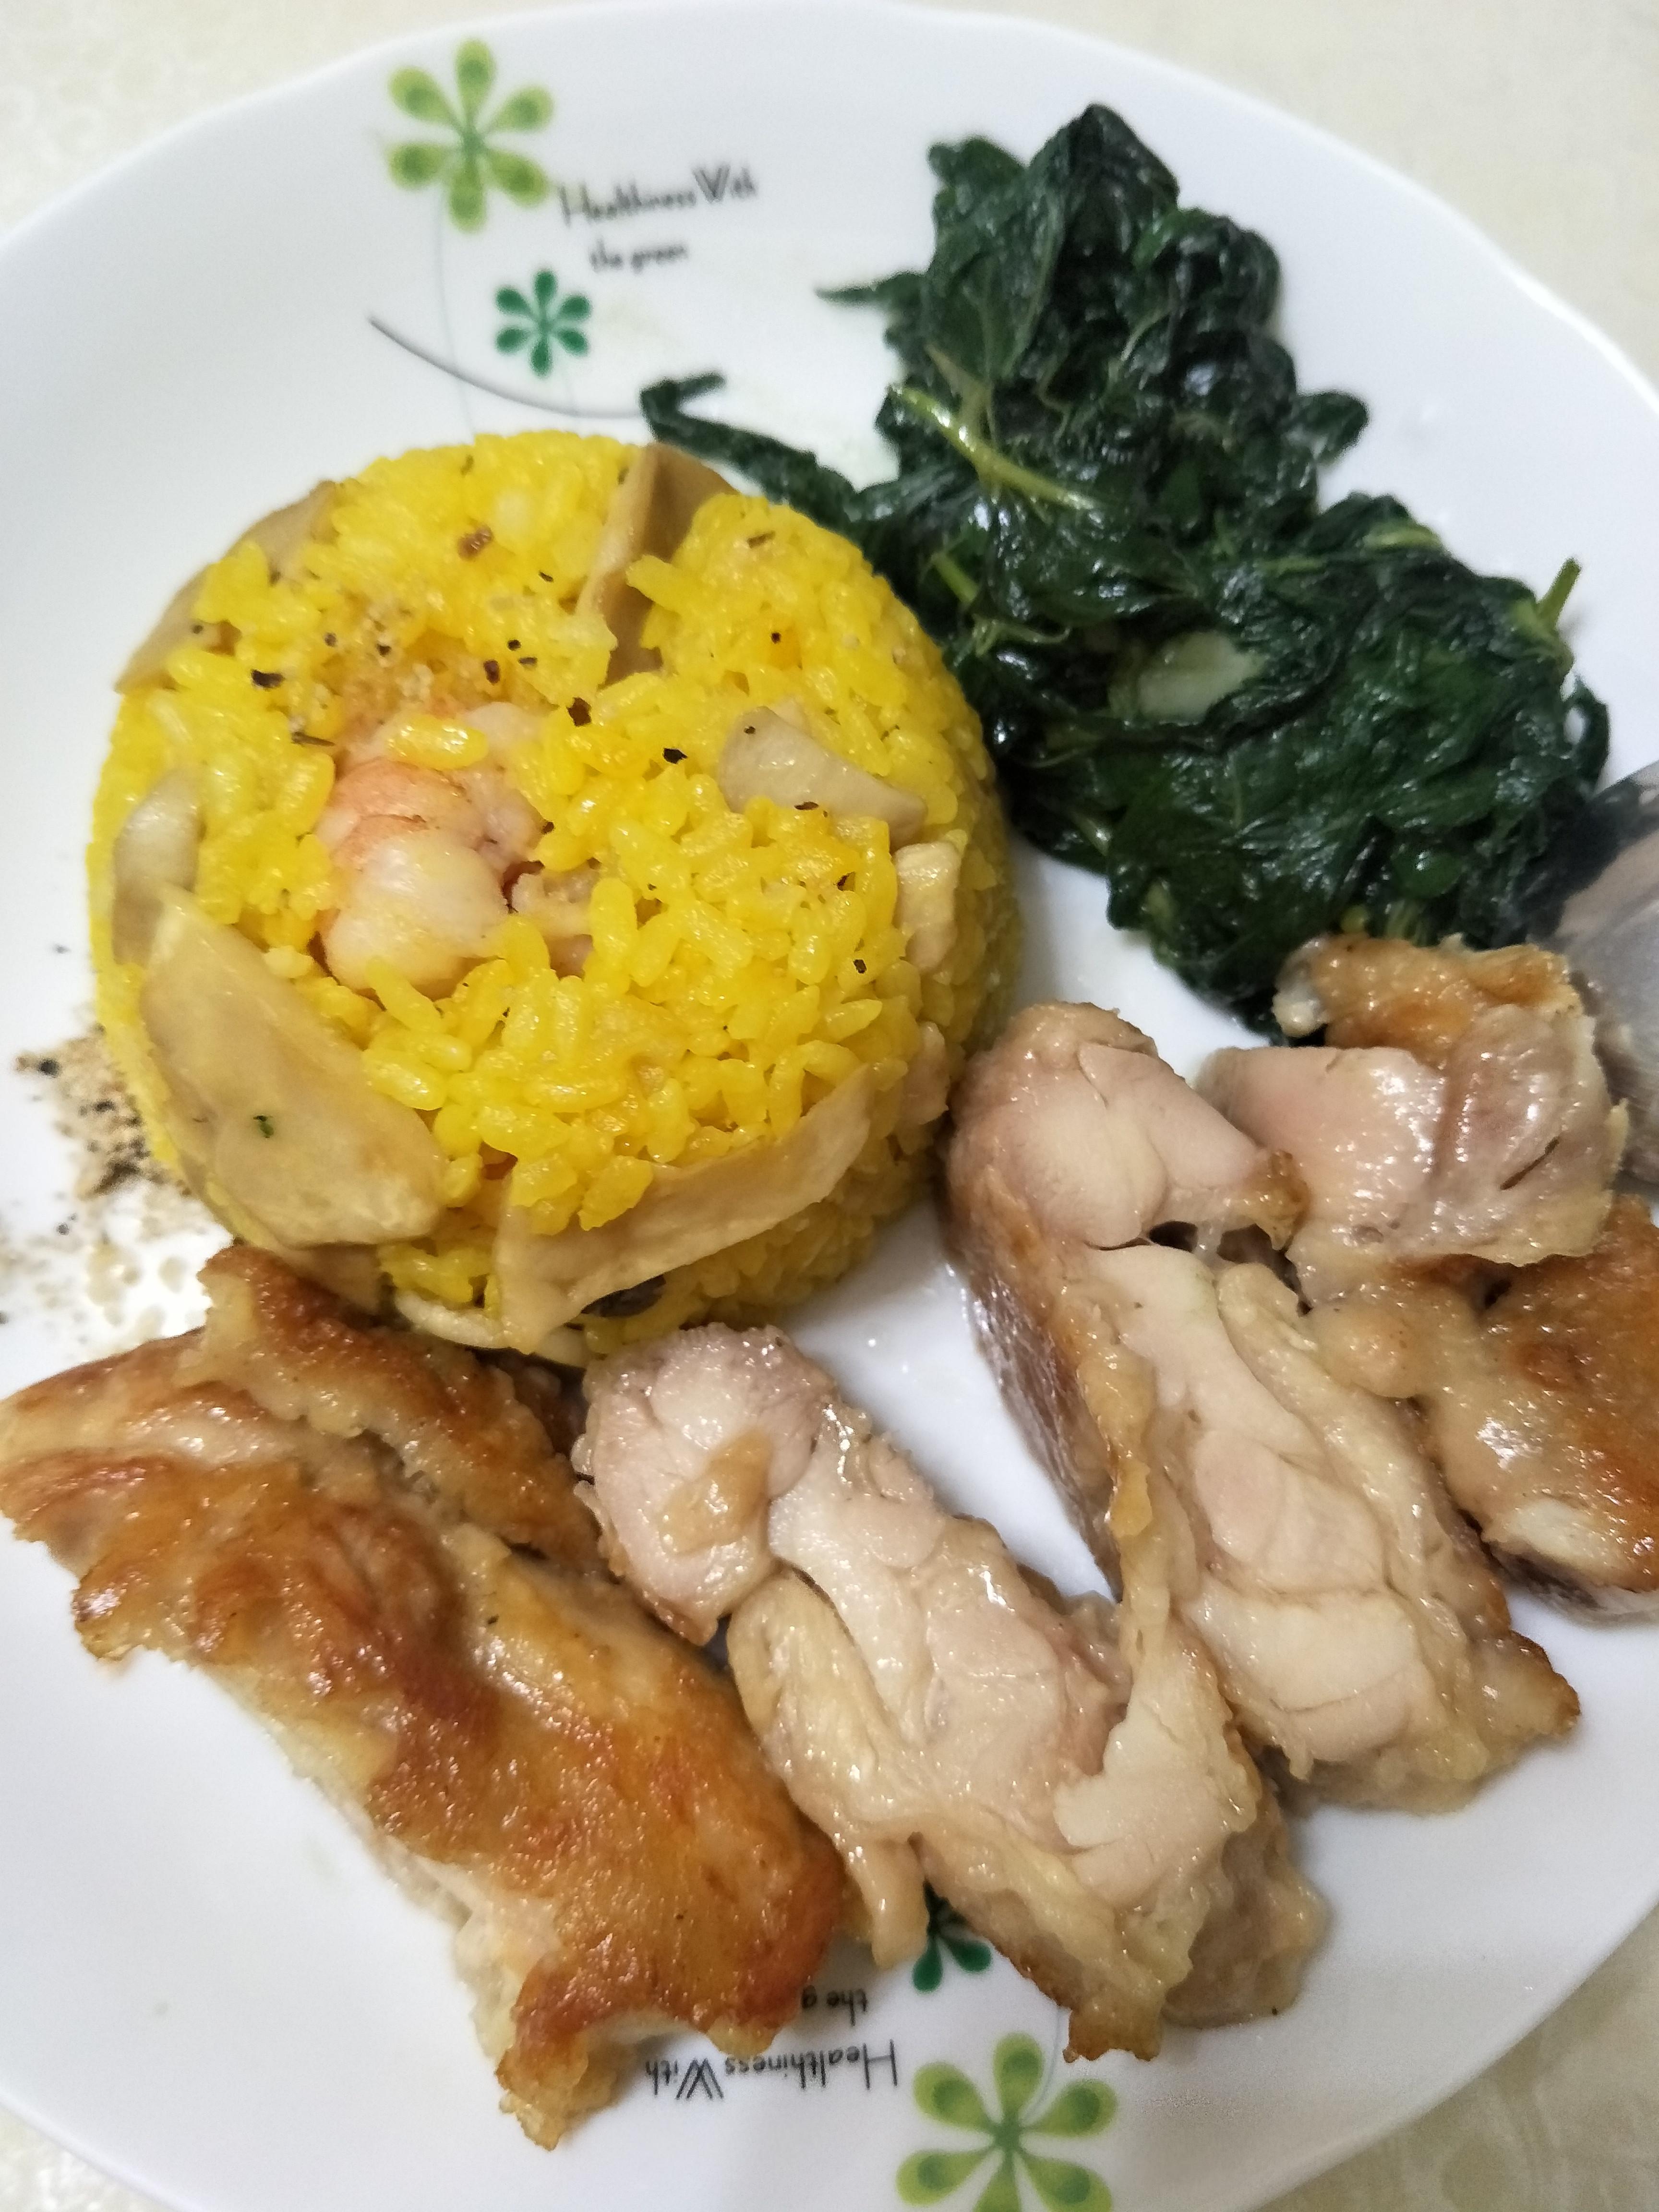 薑黃入菜-薑黃飯